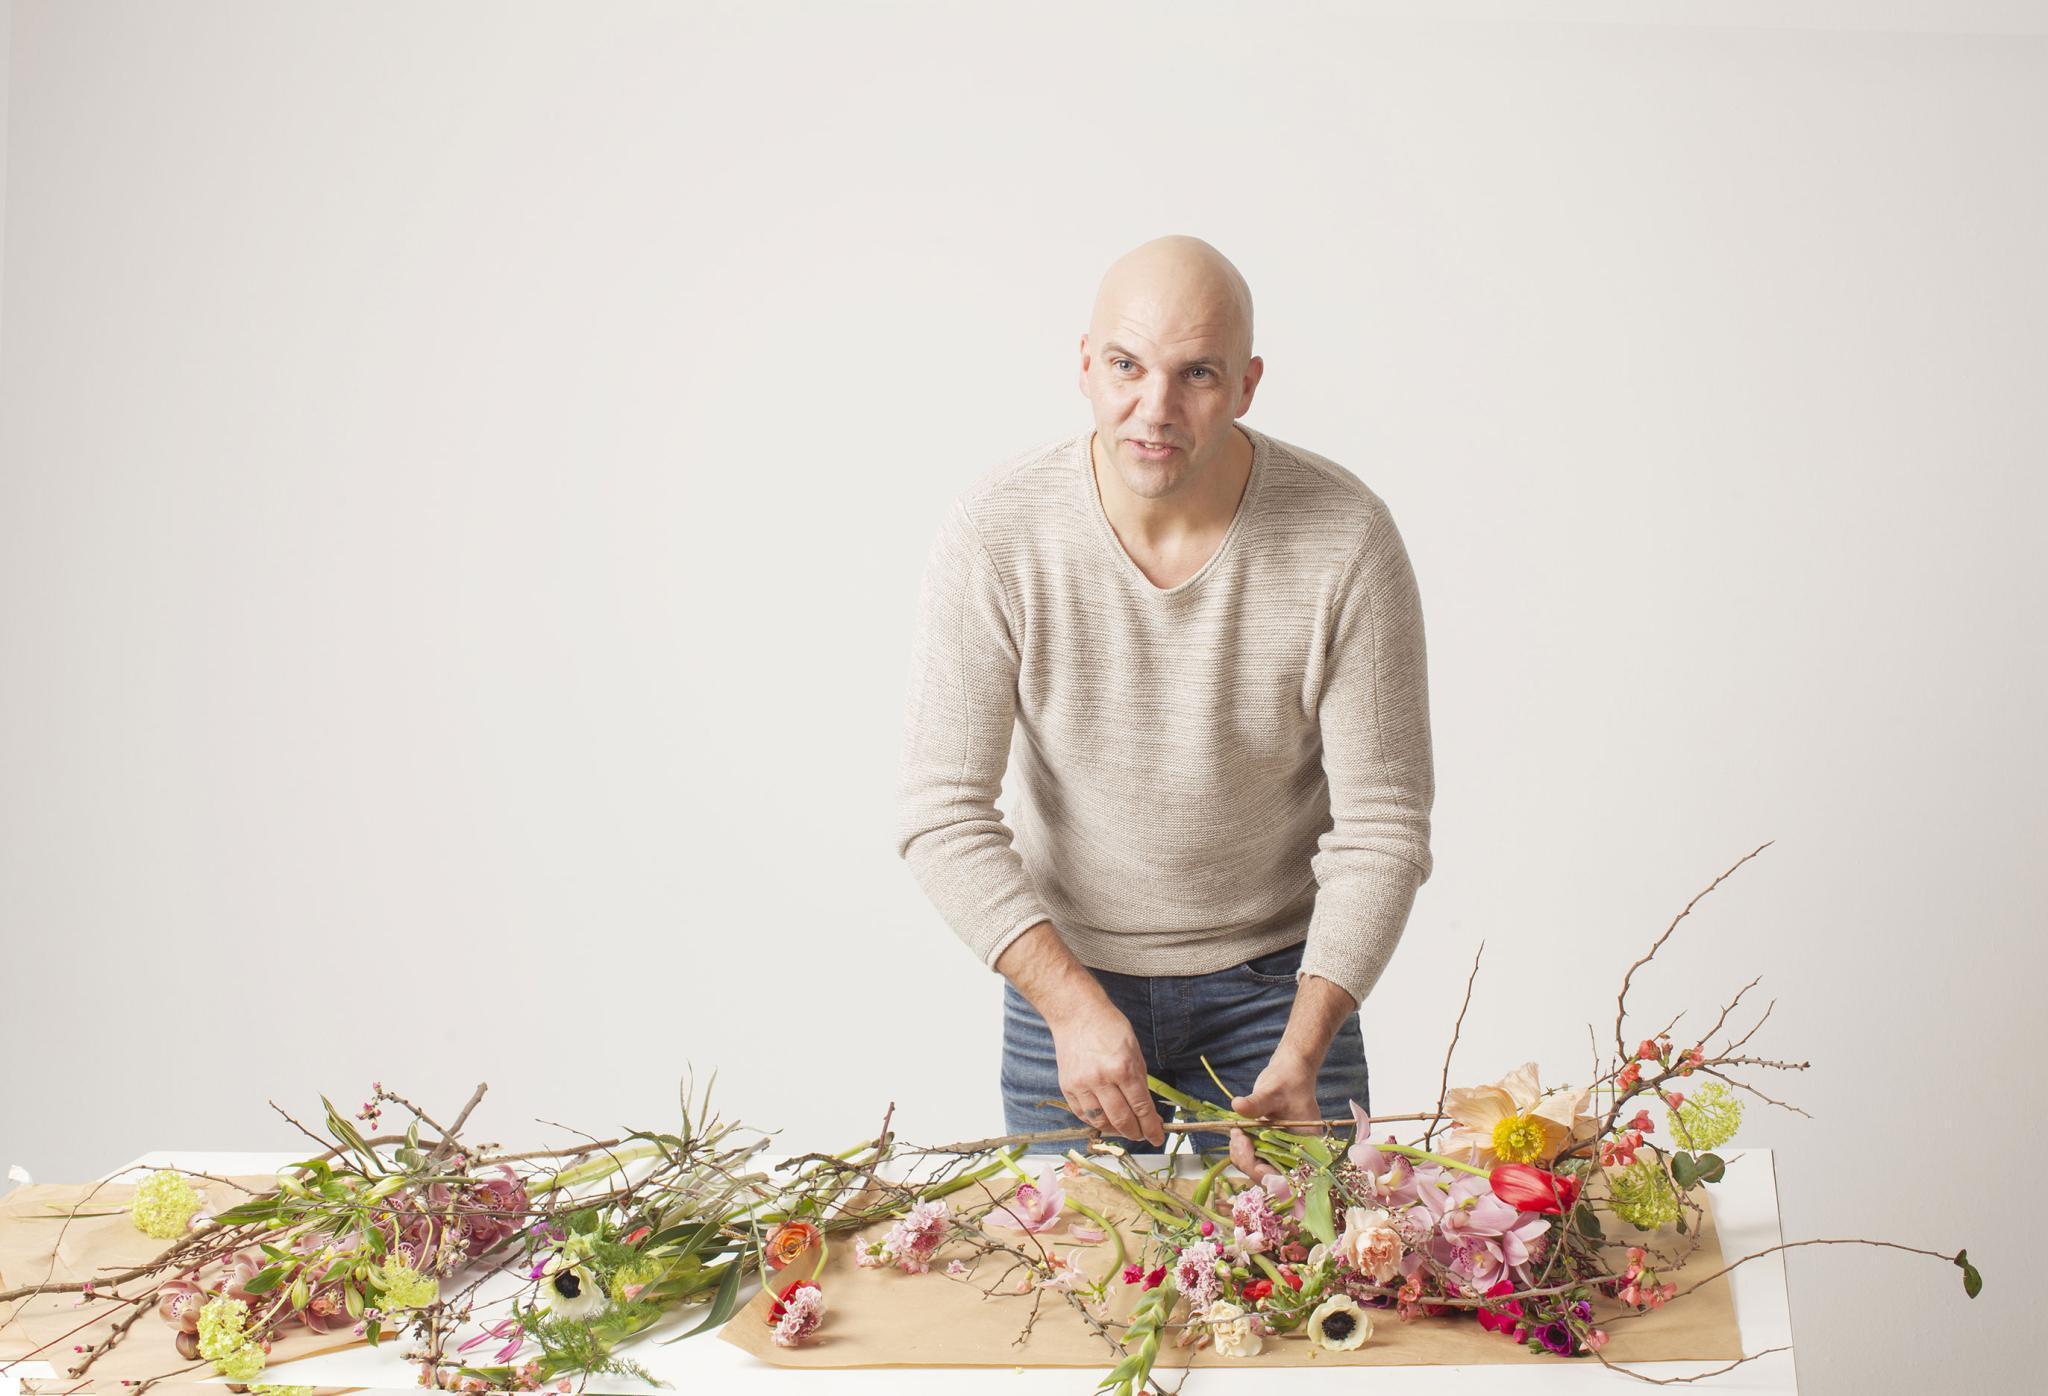 Bloomon-Chefstylist Anton van Duijn erklärt die besten Tipps und Tricks, um Blumen lange haltbar zu machen.